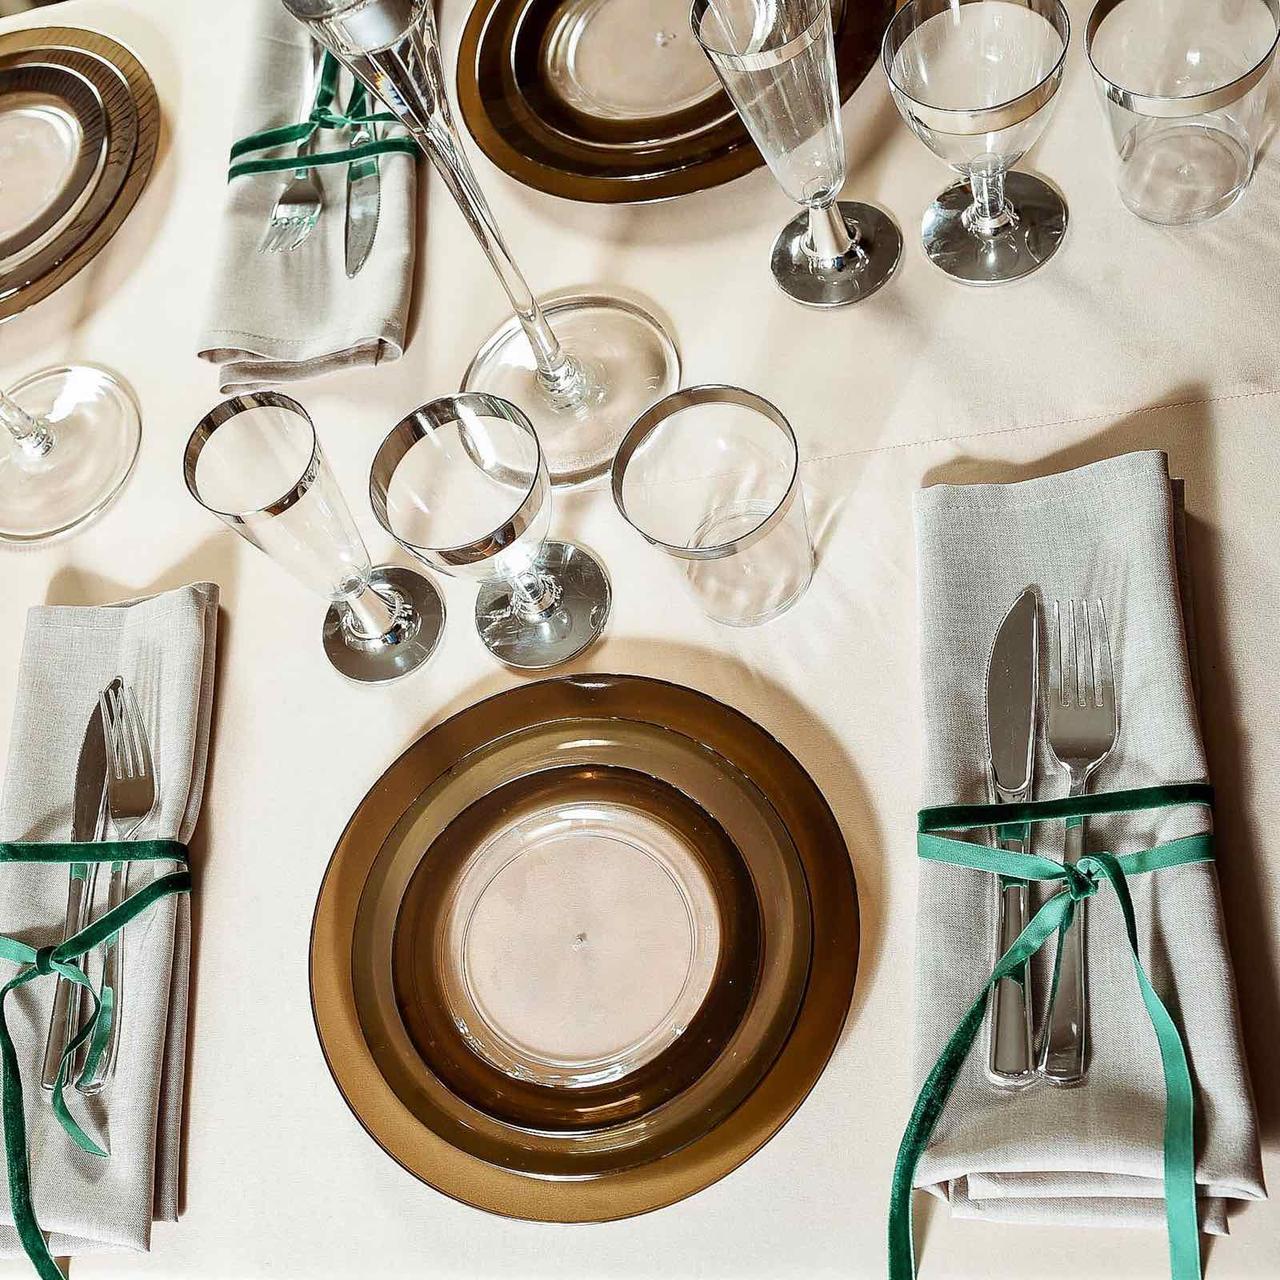 Ножи стекловидные негнущиеся , серебро для корпоротивов, event. Полная сервировка стола. CFP 12 шт 200 мм